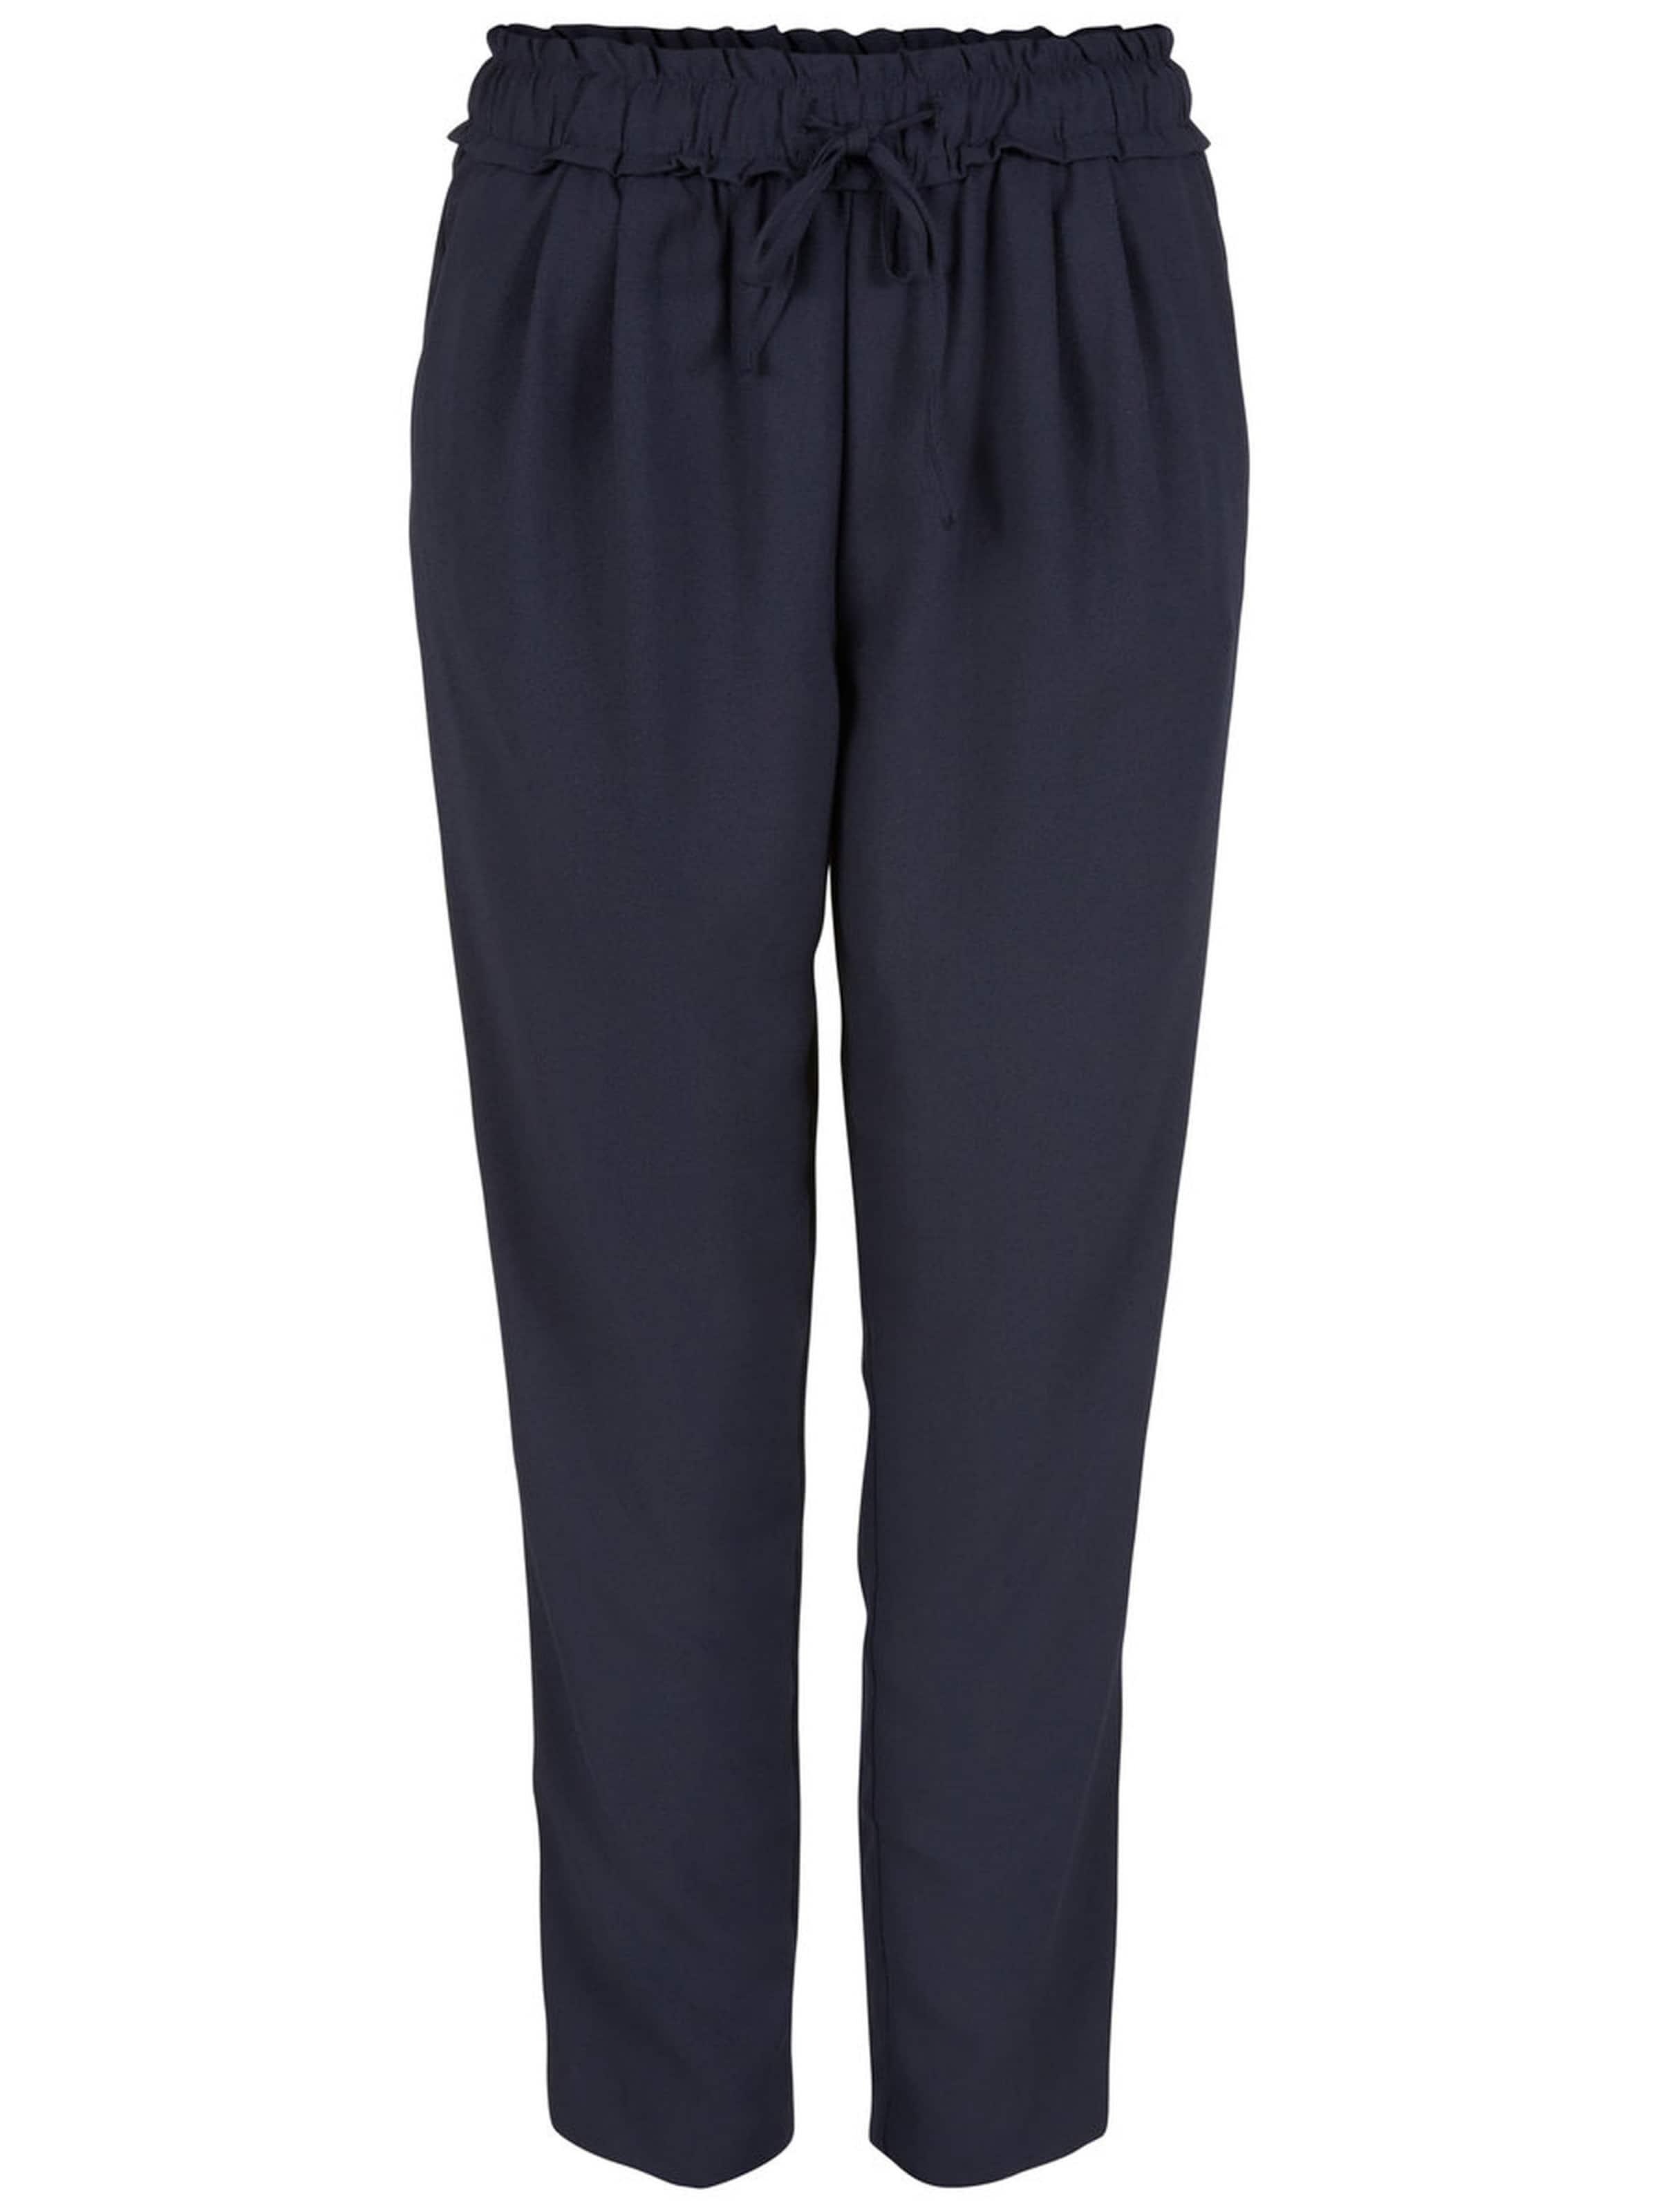 En Y a Nuit s Pantalon Bleu cq3LSAj54R